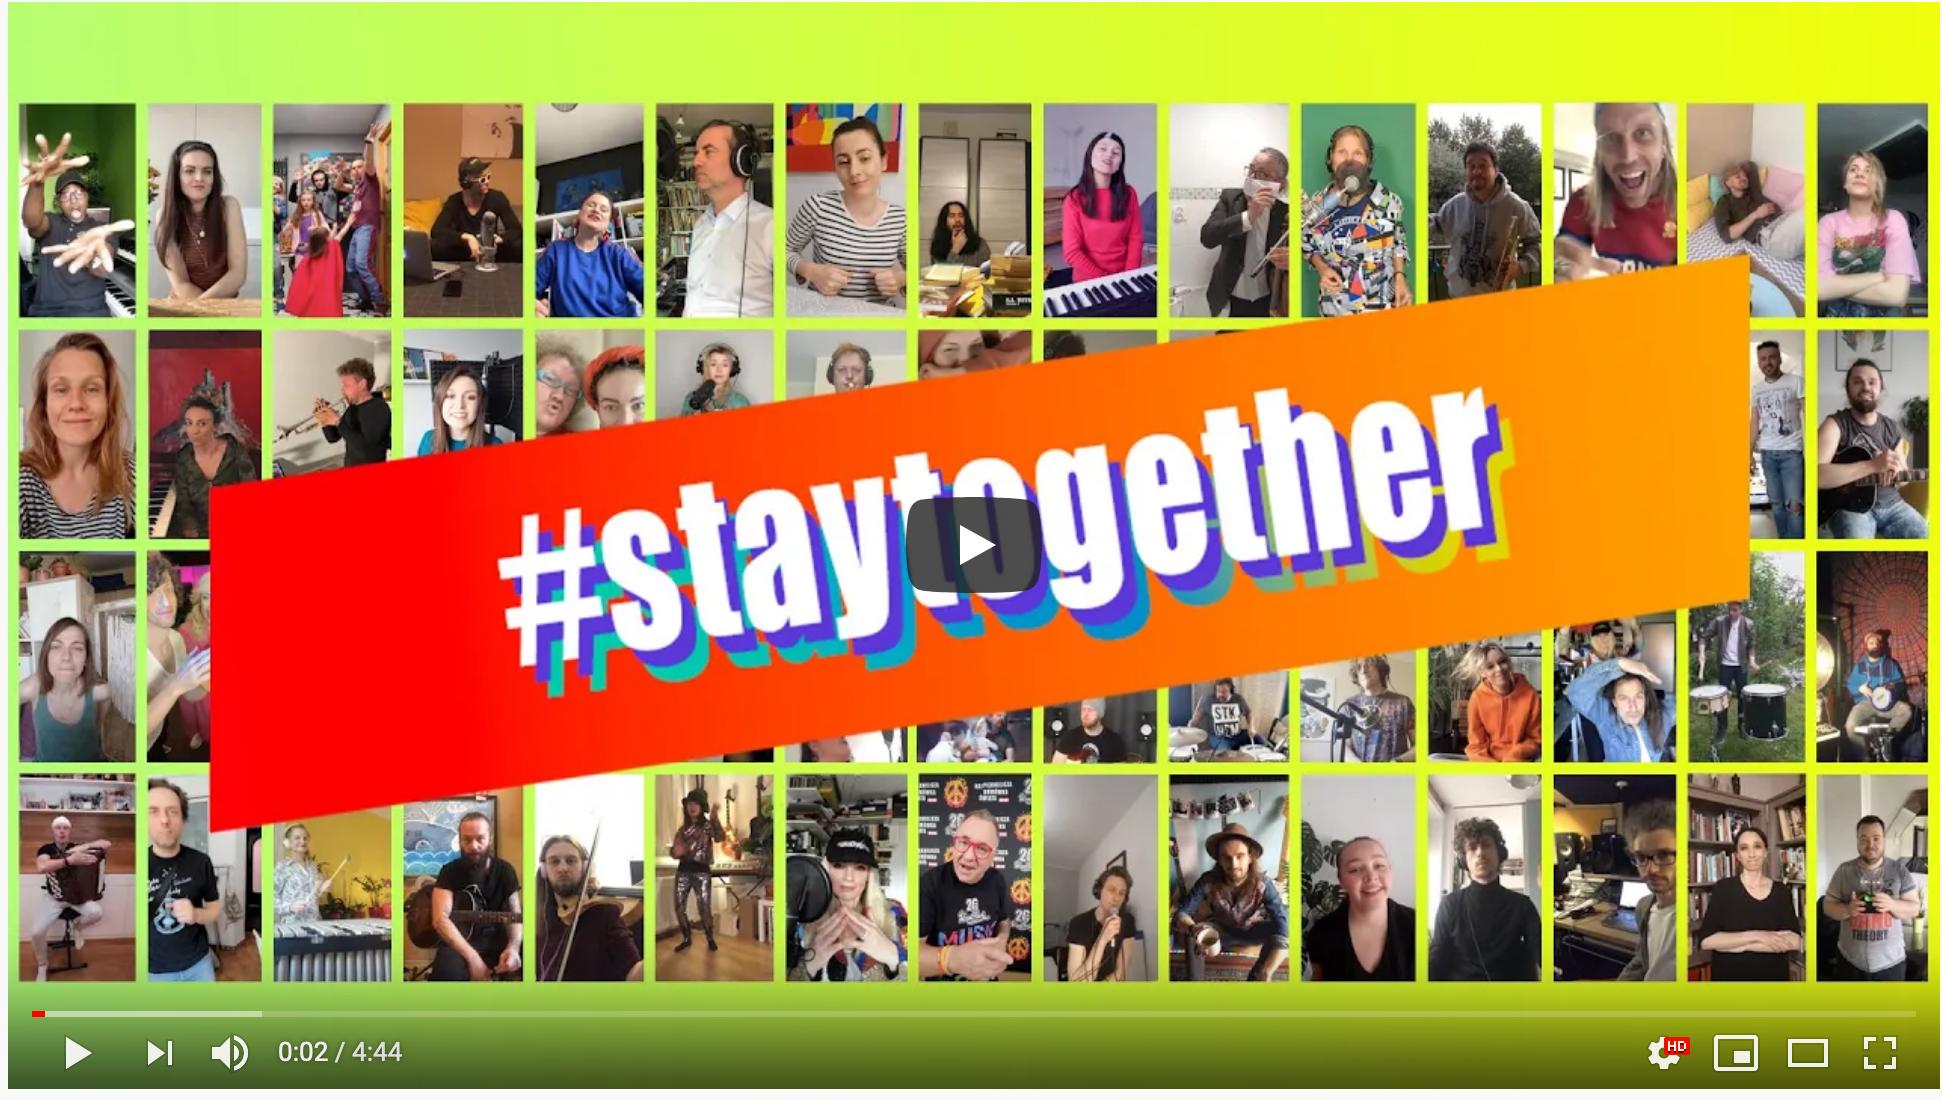 WOŚP #StayTogether - Odpowiedzialni Razem! OpenStage info oswiecim